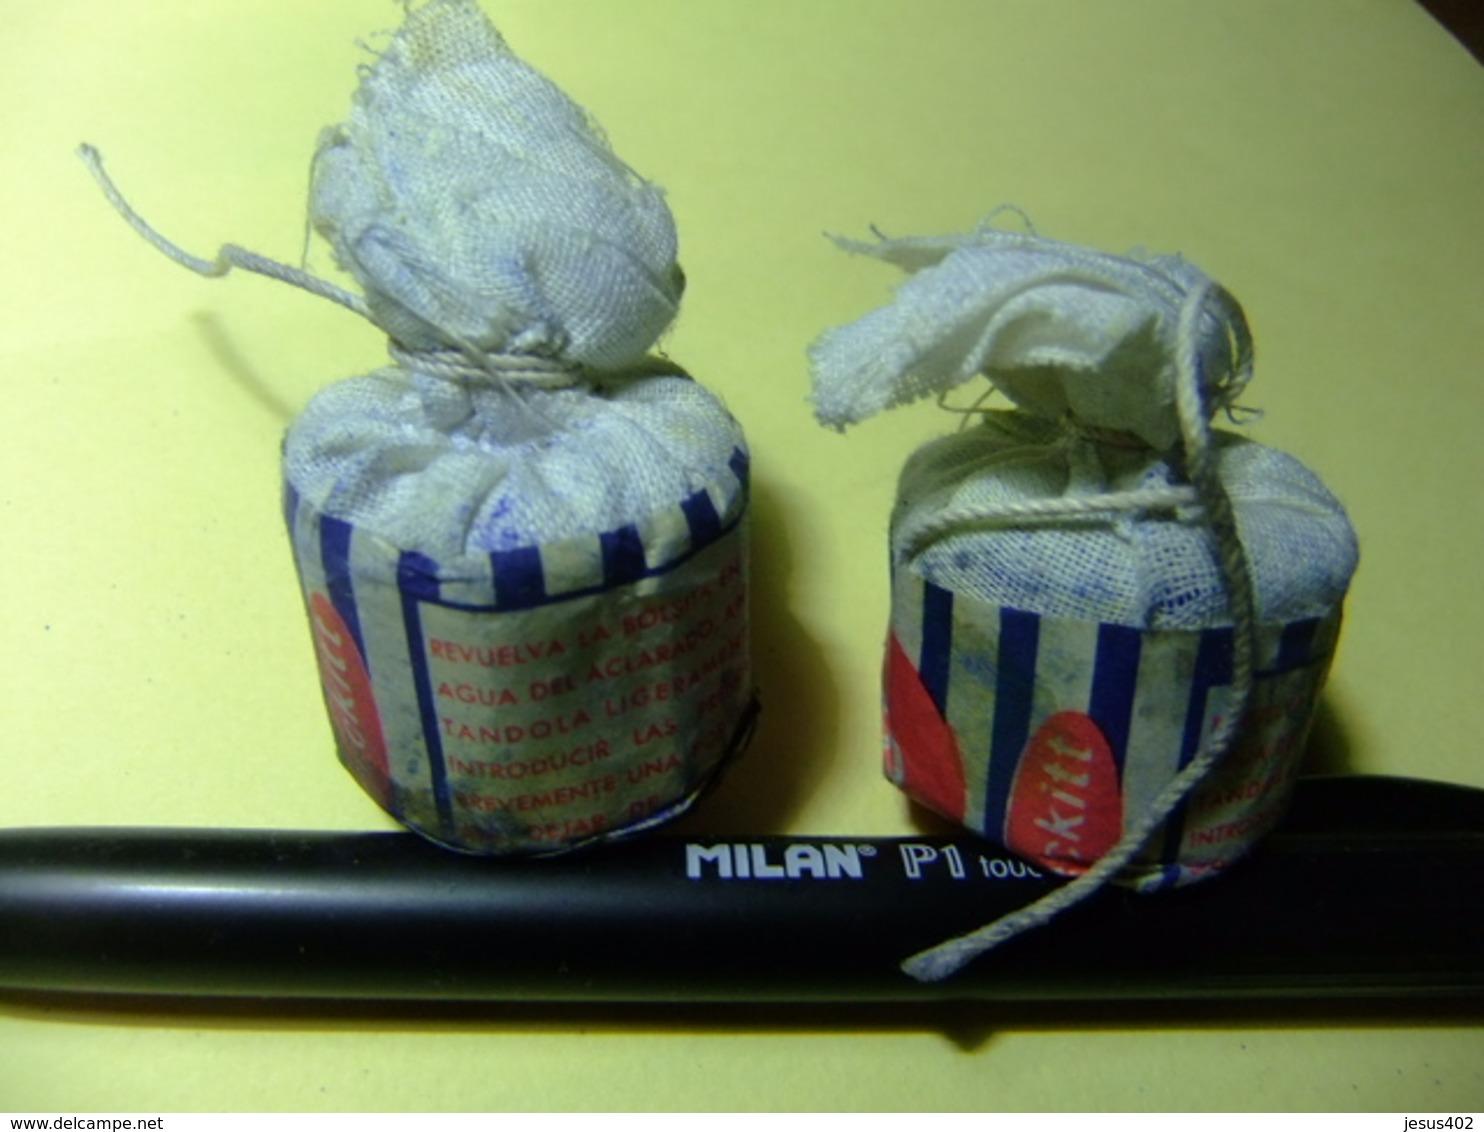 AZULETE EN POLVO BRASSO PERFUMADO BILBAO - Otras Colecciones